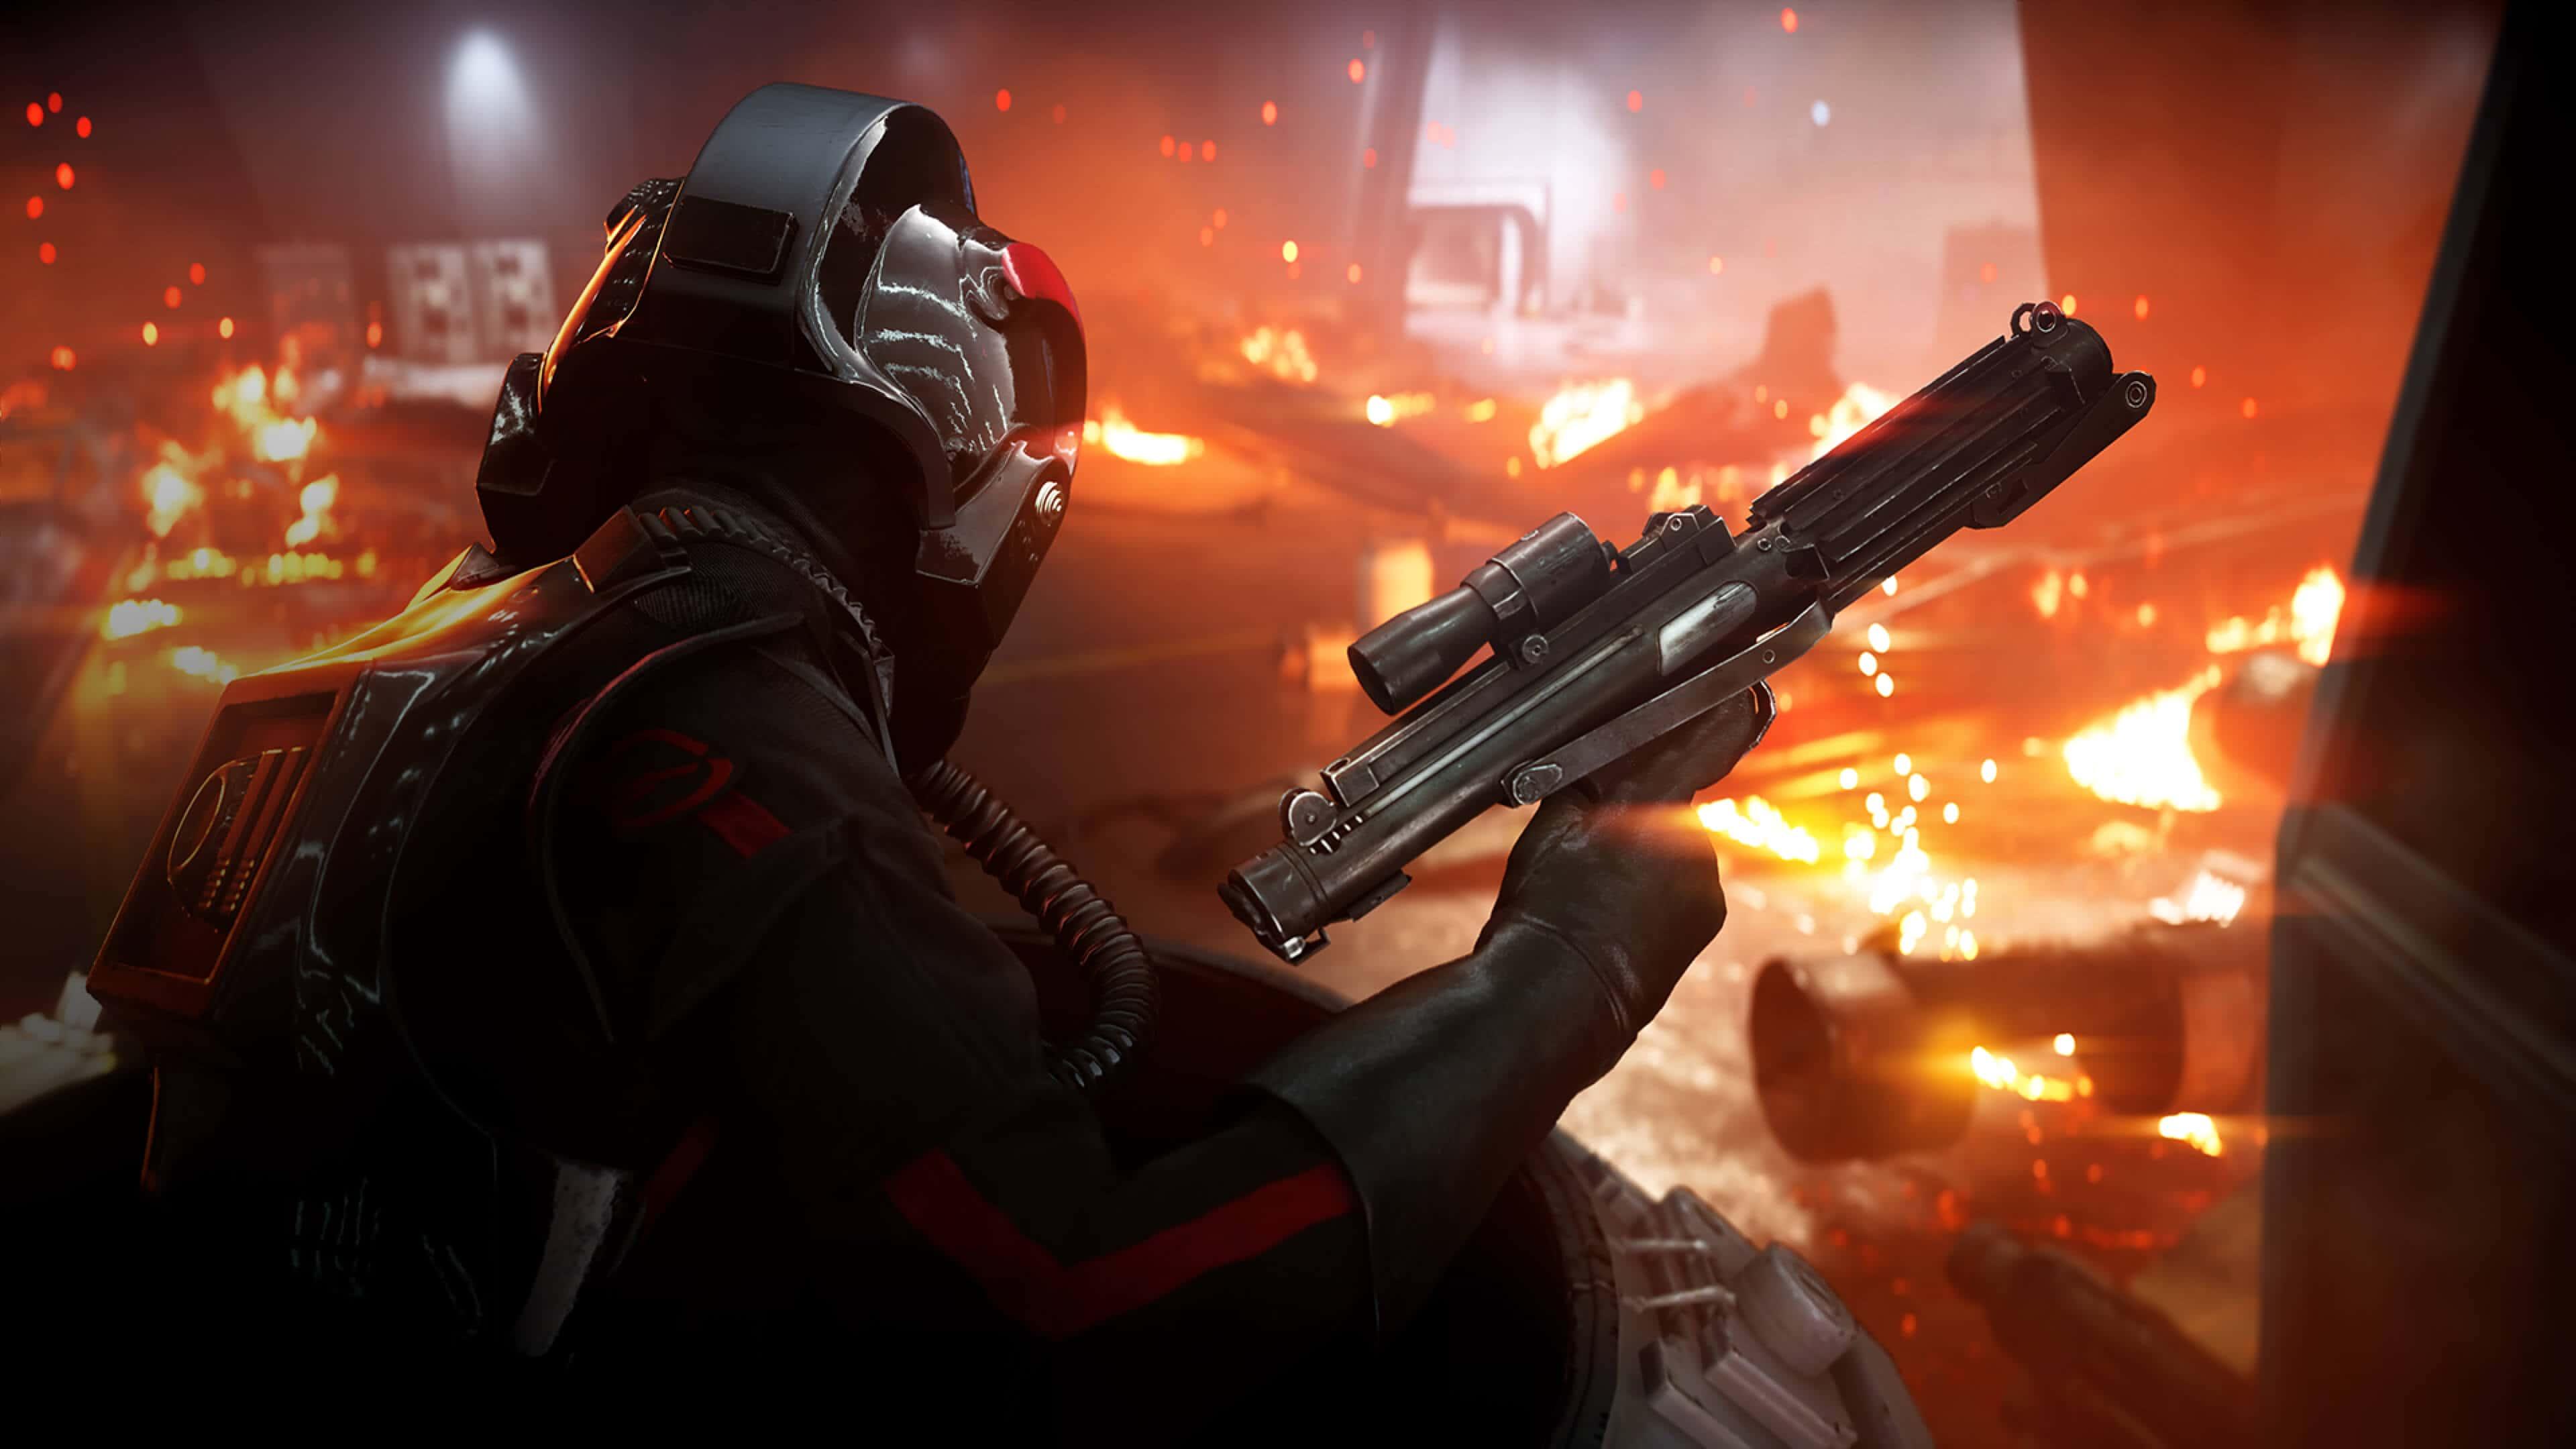 Star Wars Battlefront Ii 4k Hd Games 4k Wallpapers Images